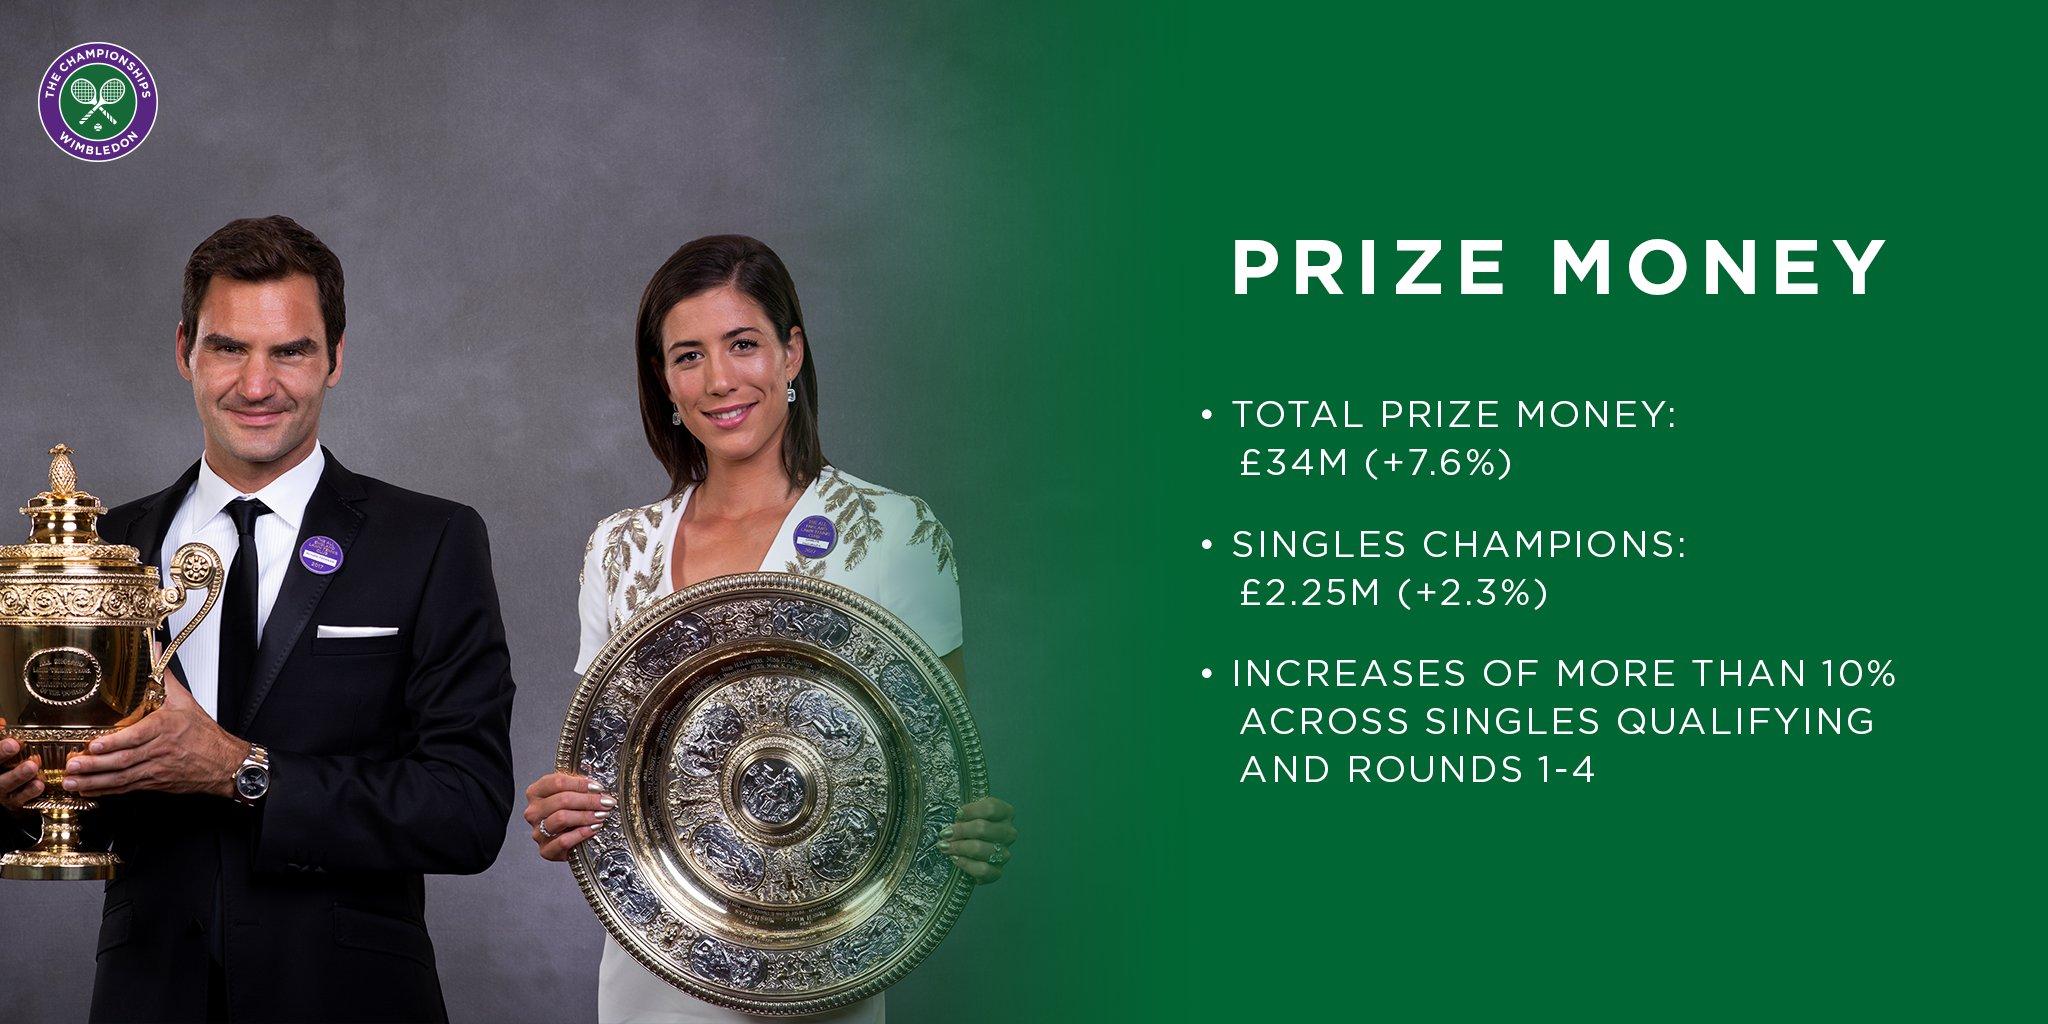 Premios Wimbledon 2018